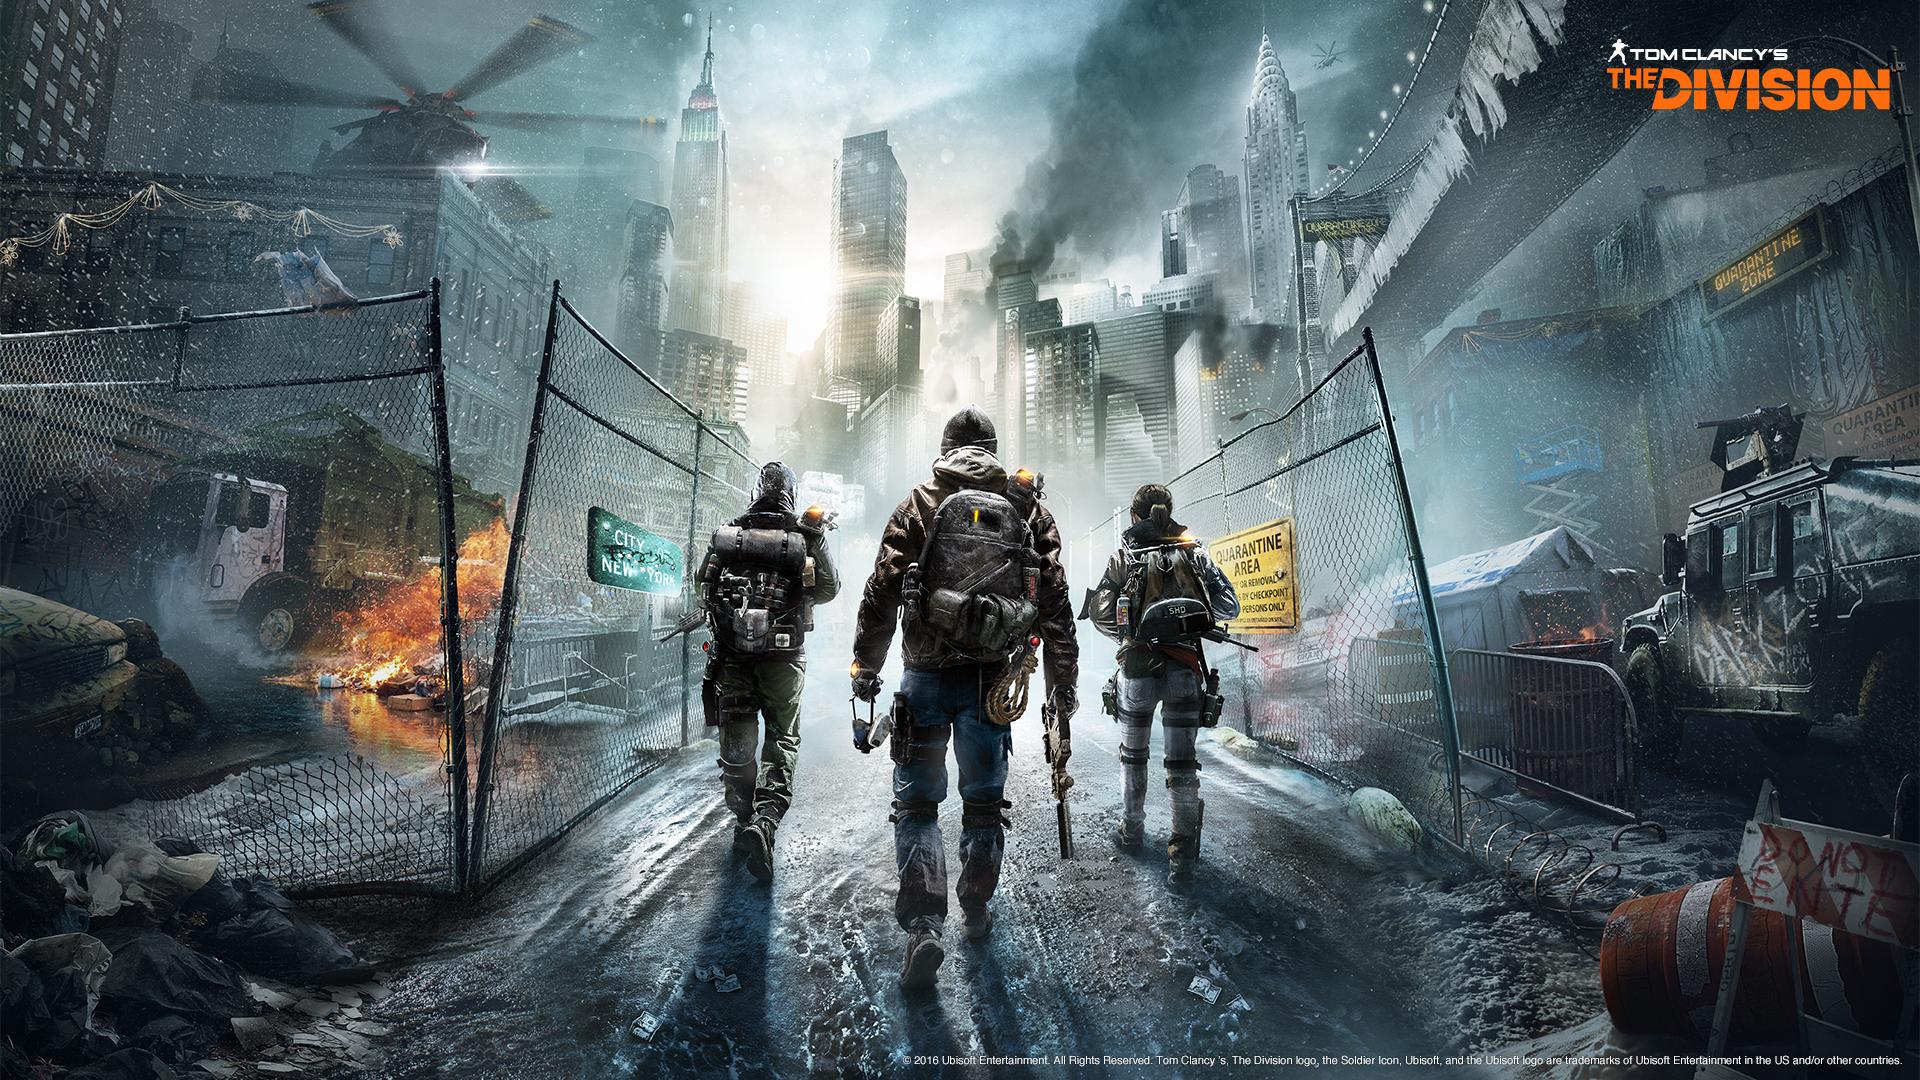 The Division ディビジョン 壁紙 アイコン ダウンロード Ubisoft